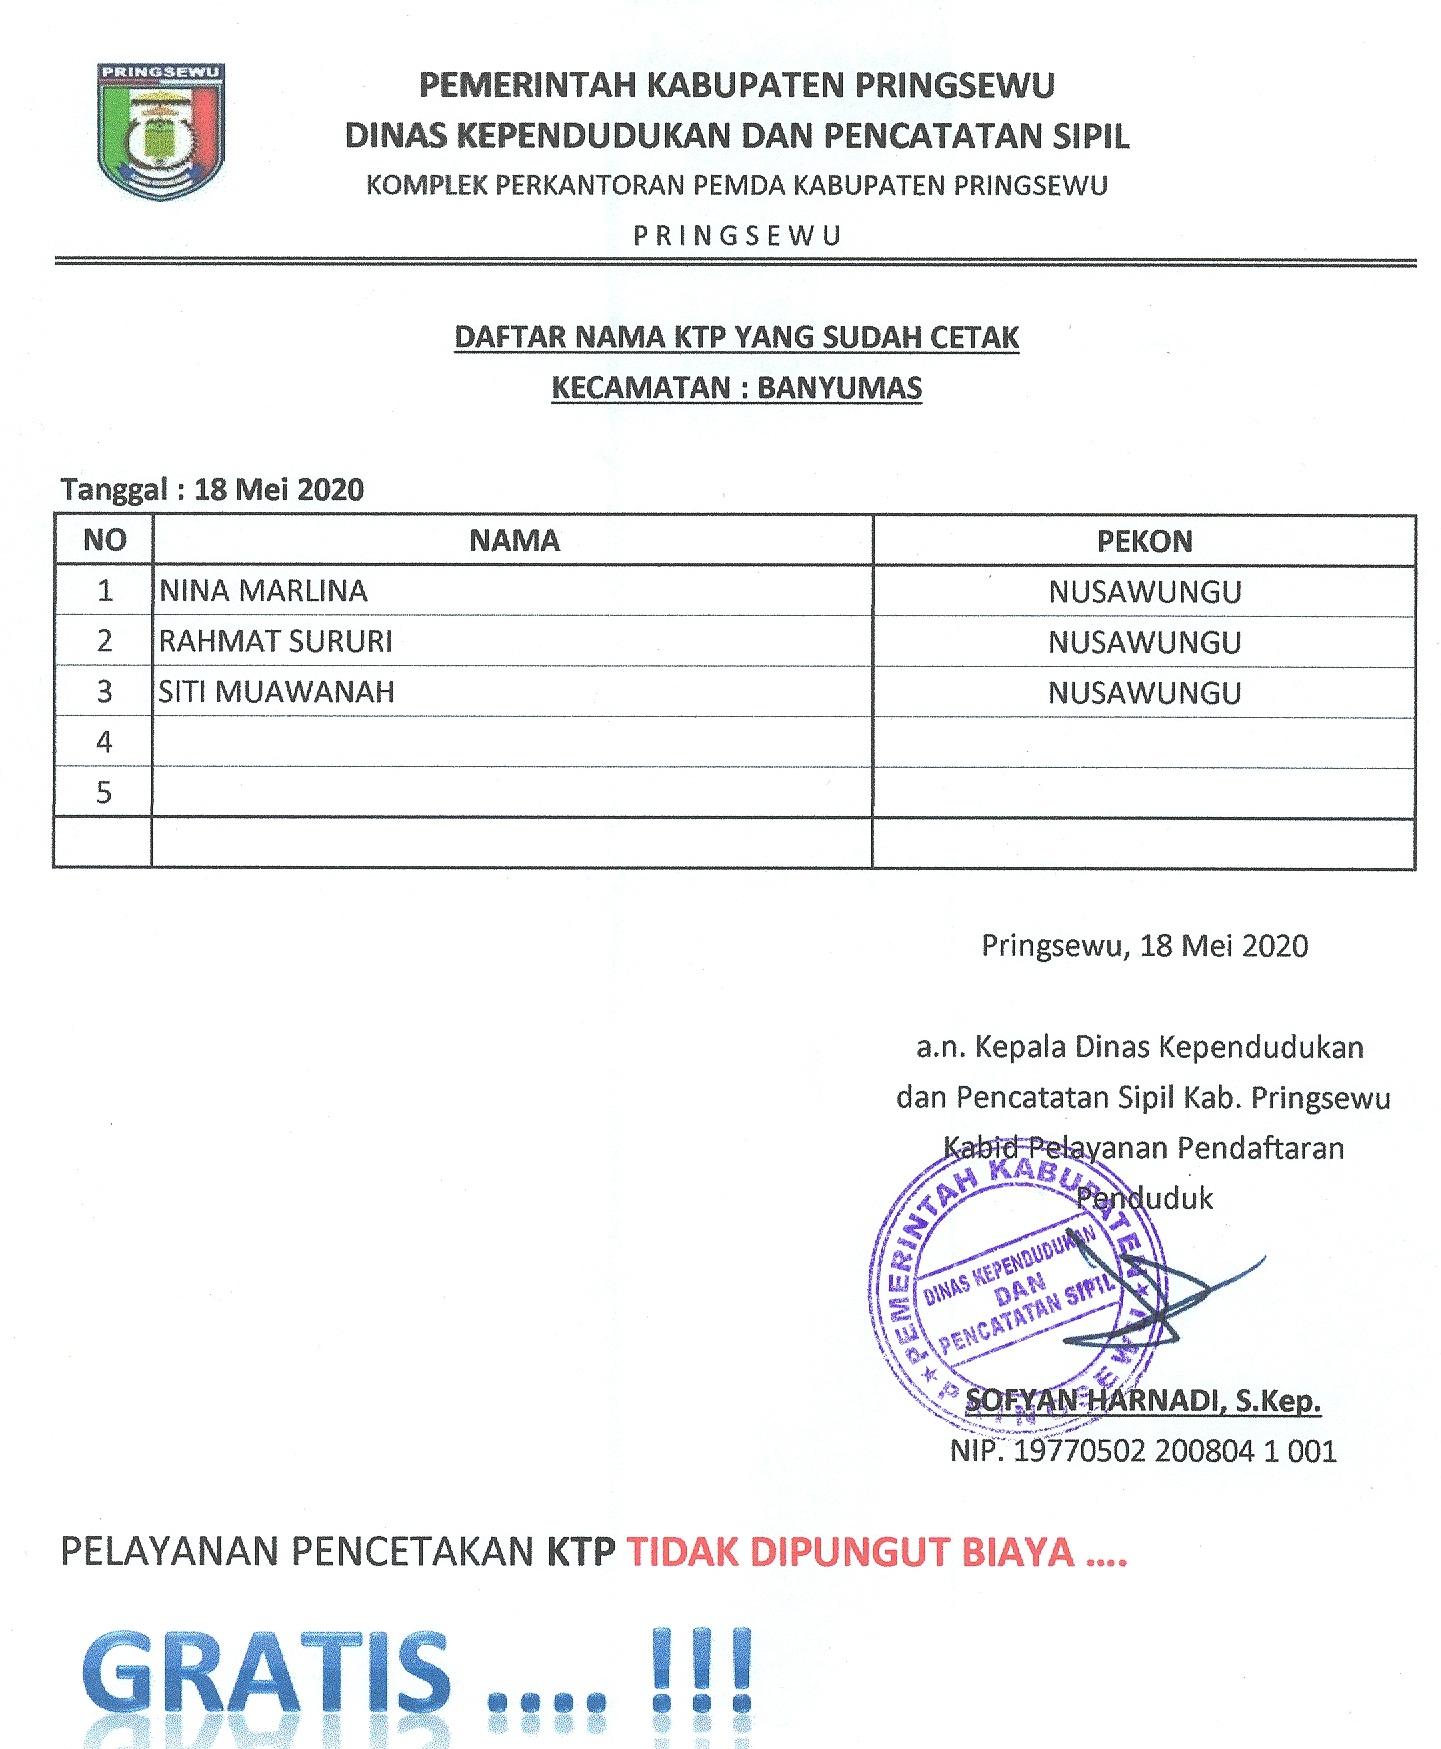 Disdukcapil- Daftar KTP-el yang sudah cetak Kecamatan Banyumas